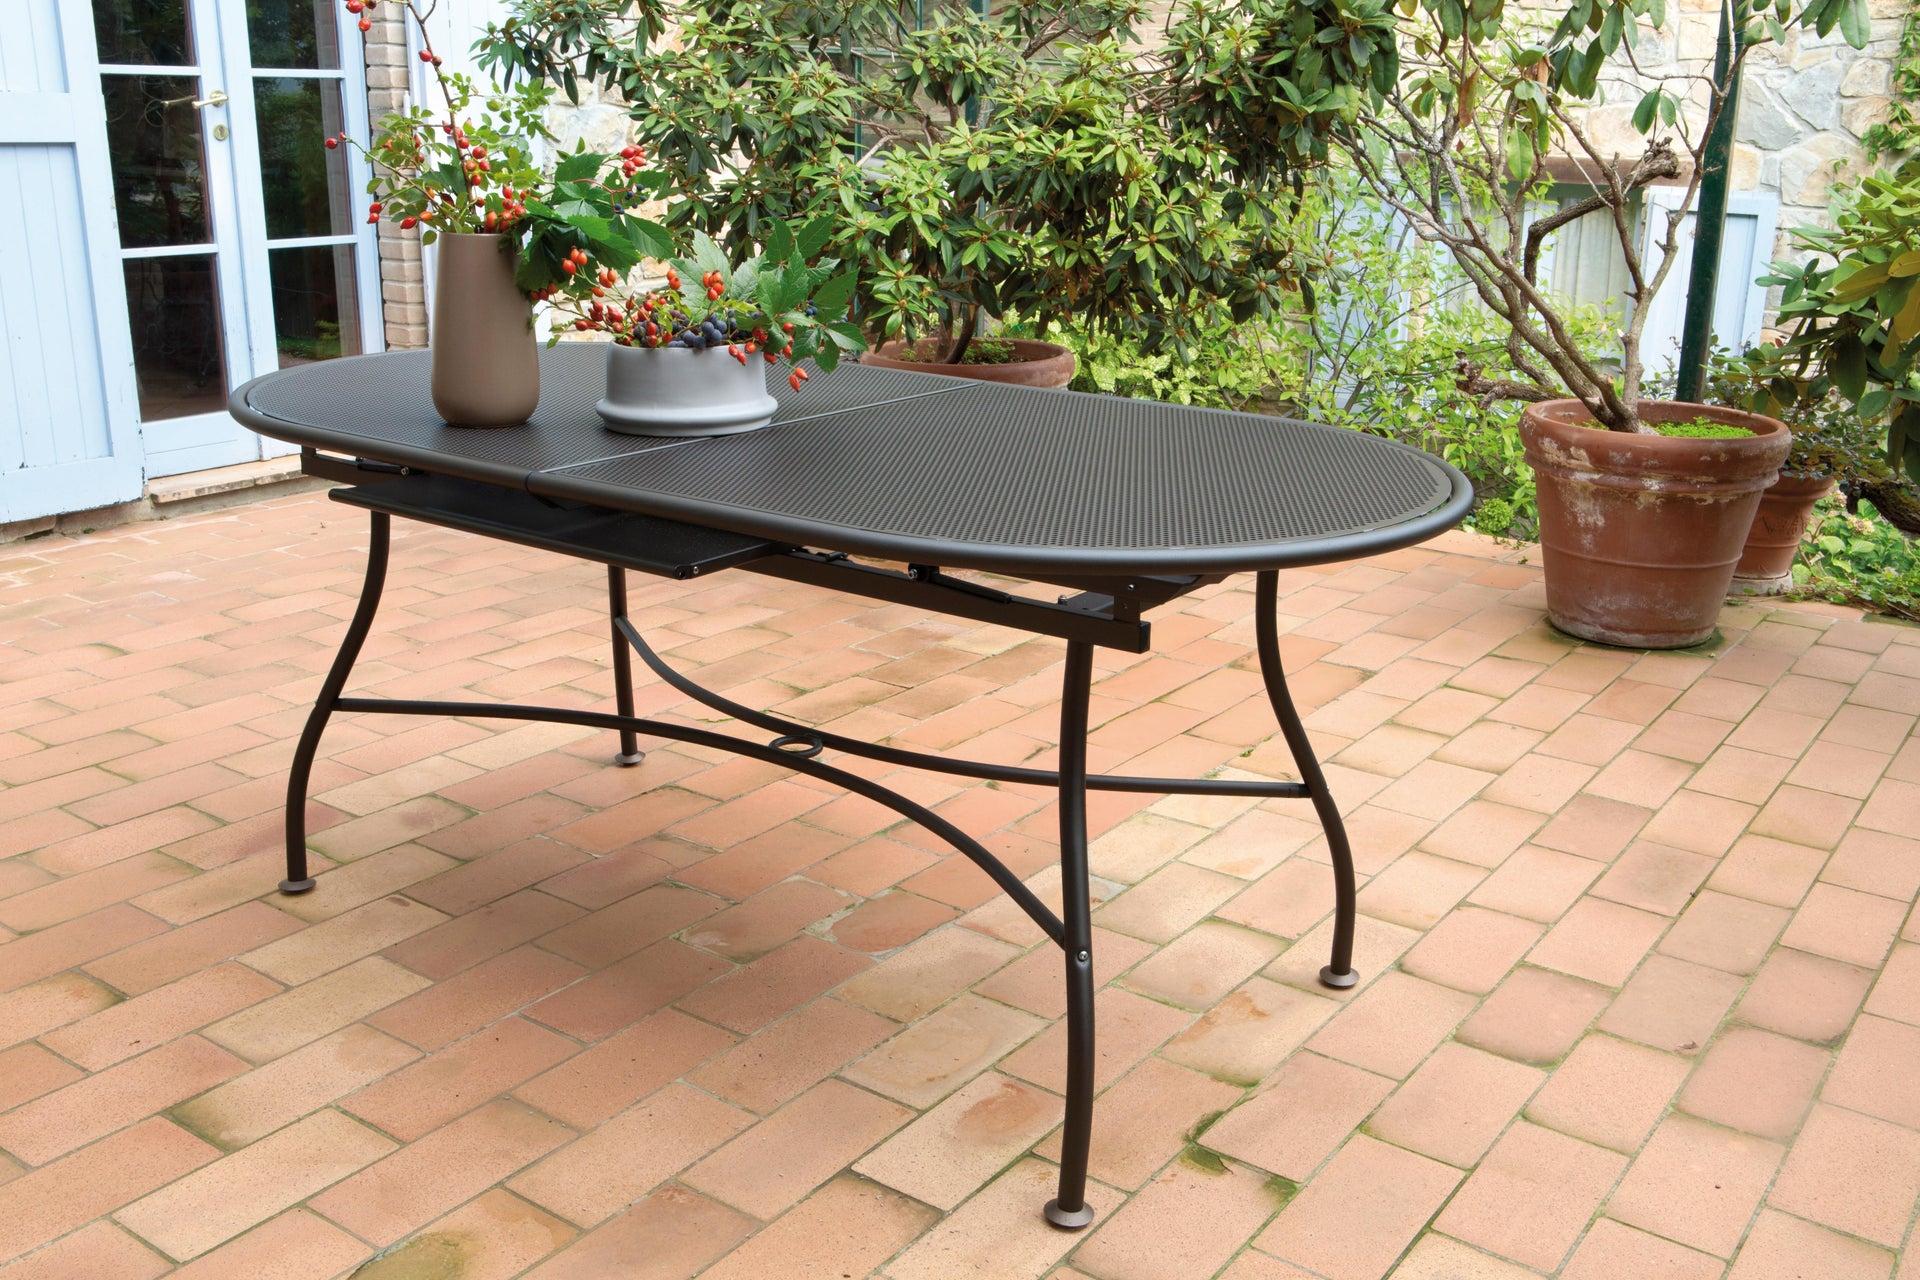 Tavolo da giardino allungabile ovale Evo con piano in alluminio L 180/240 x P 90 cm - 5